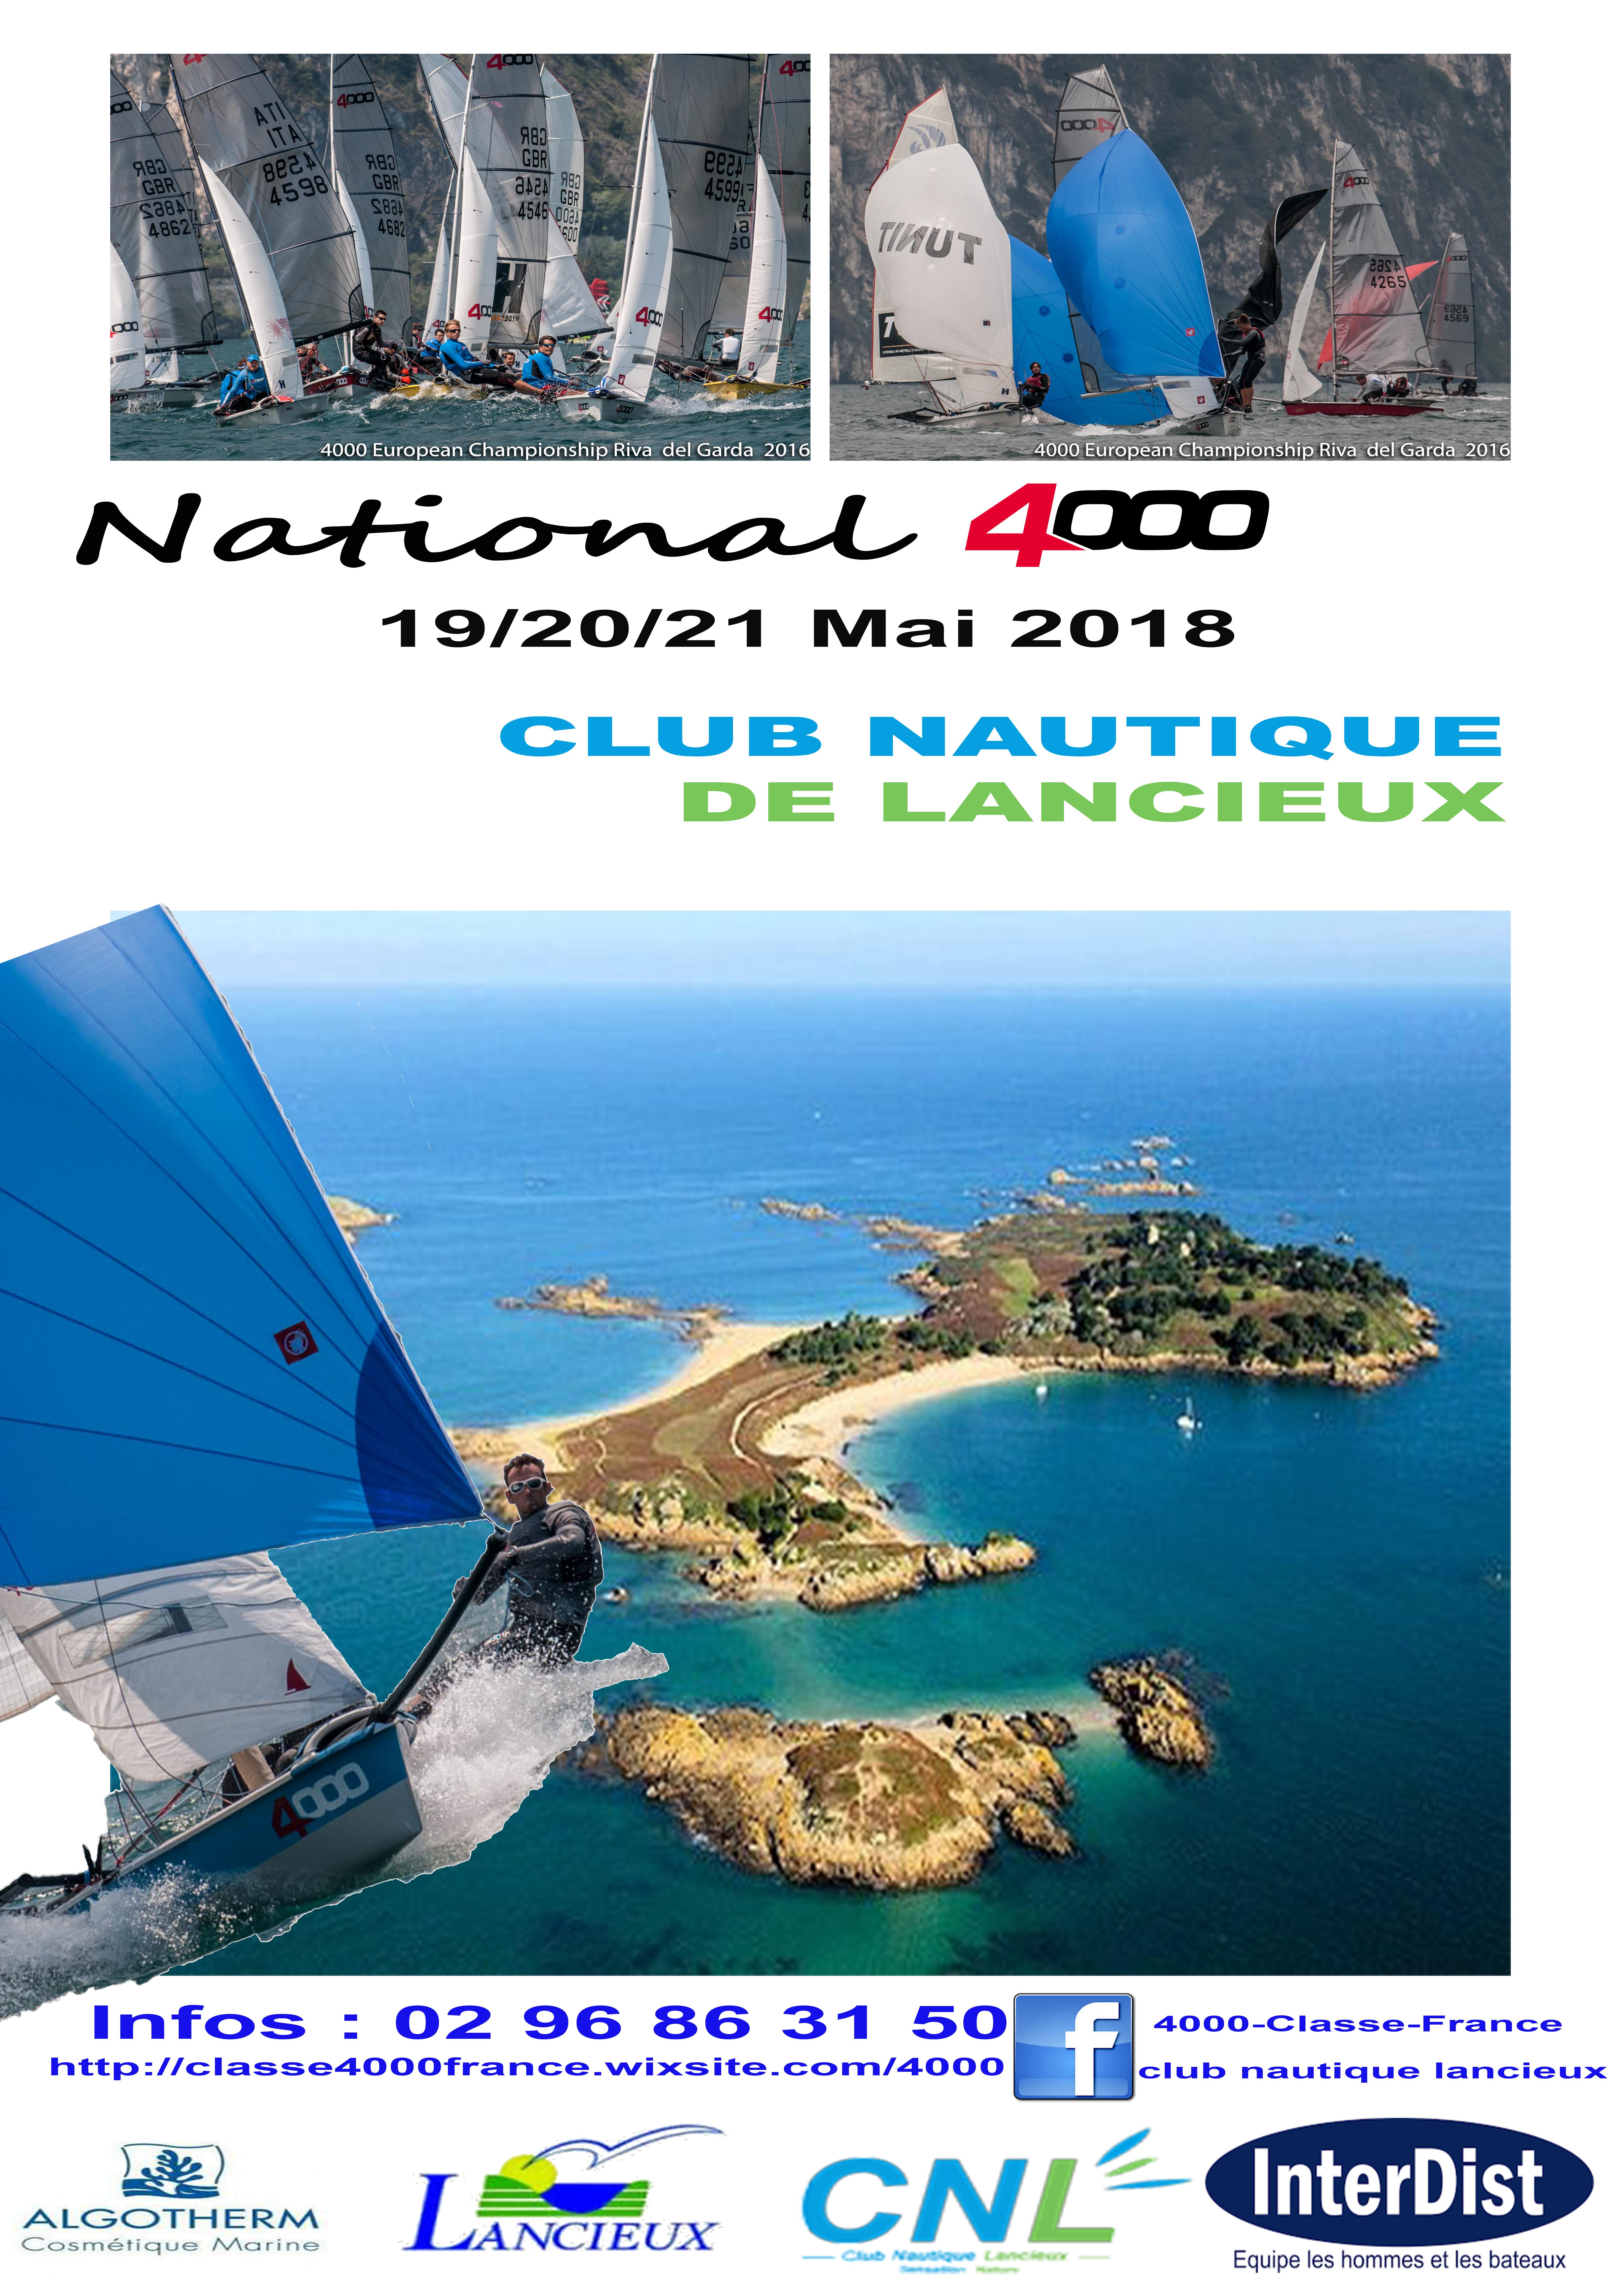 Du 19 au 21 Mai , championnat de France «National 4000», organisé par le club nautique de Lancieux